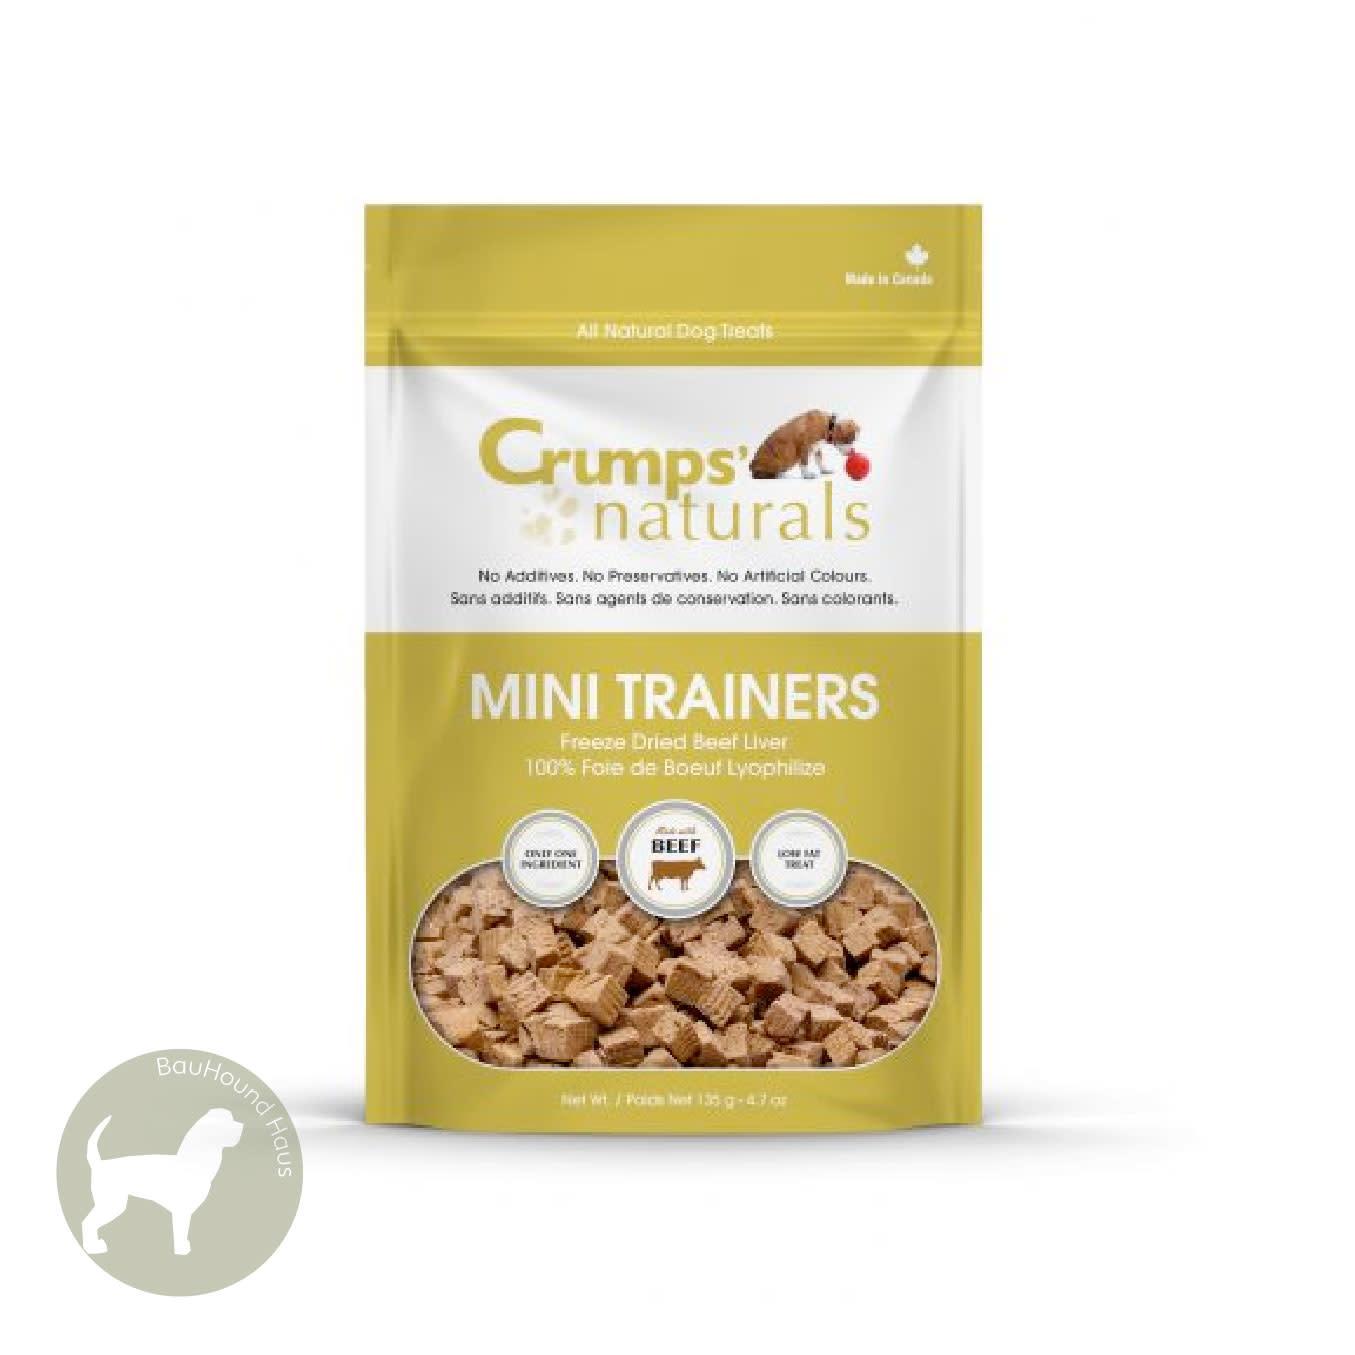 Crumps Crumps Naturals Mini Trainers, 50g